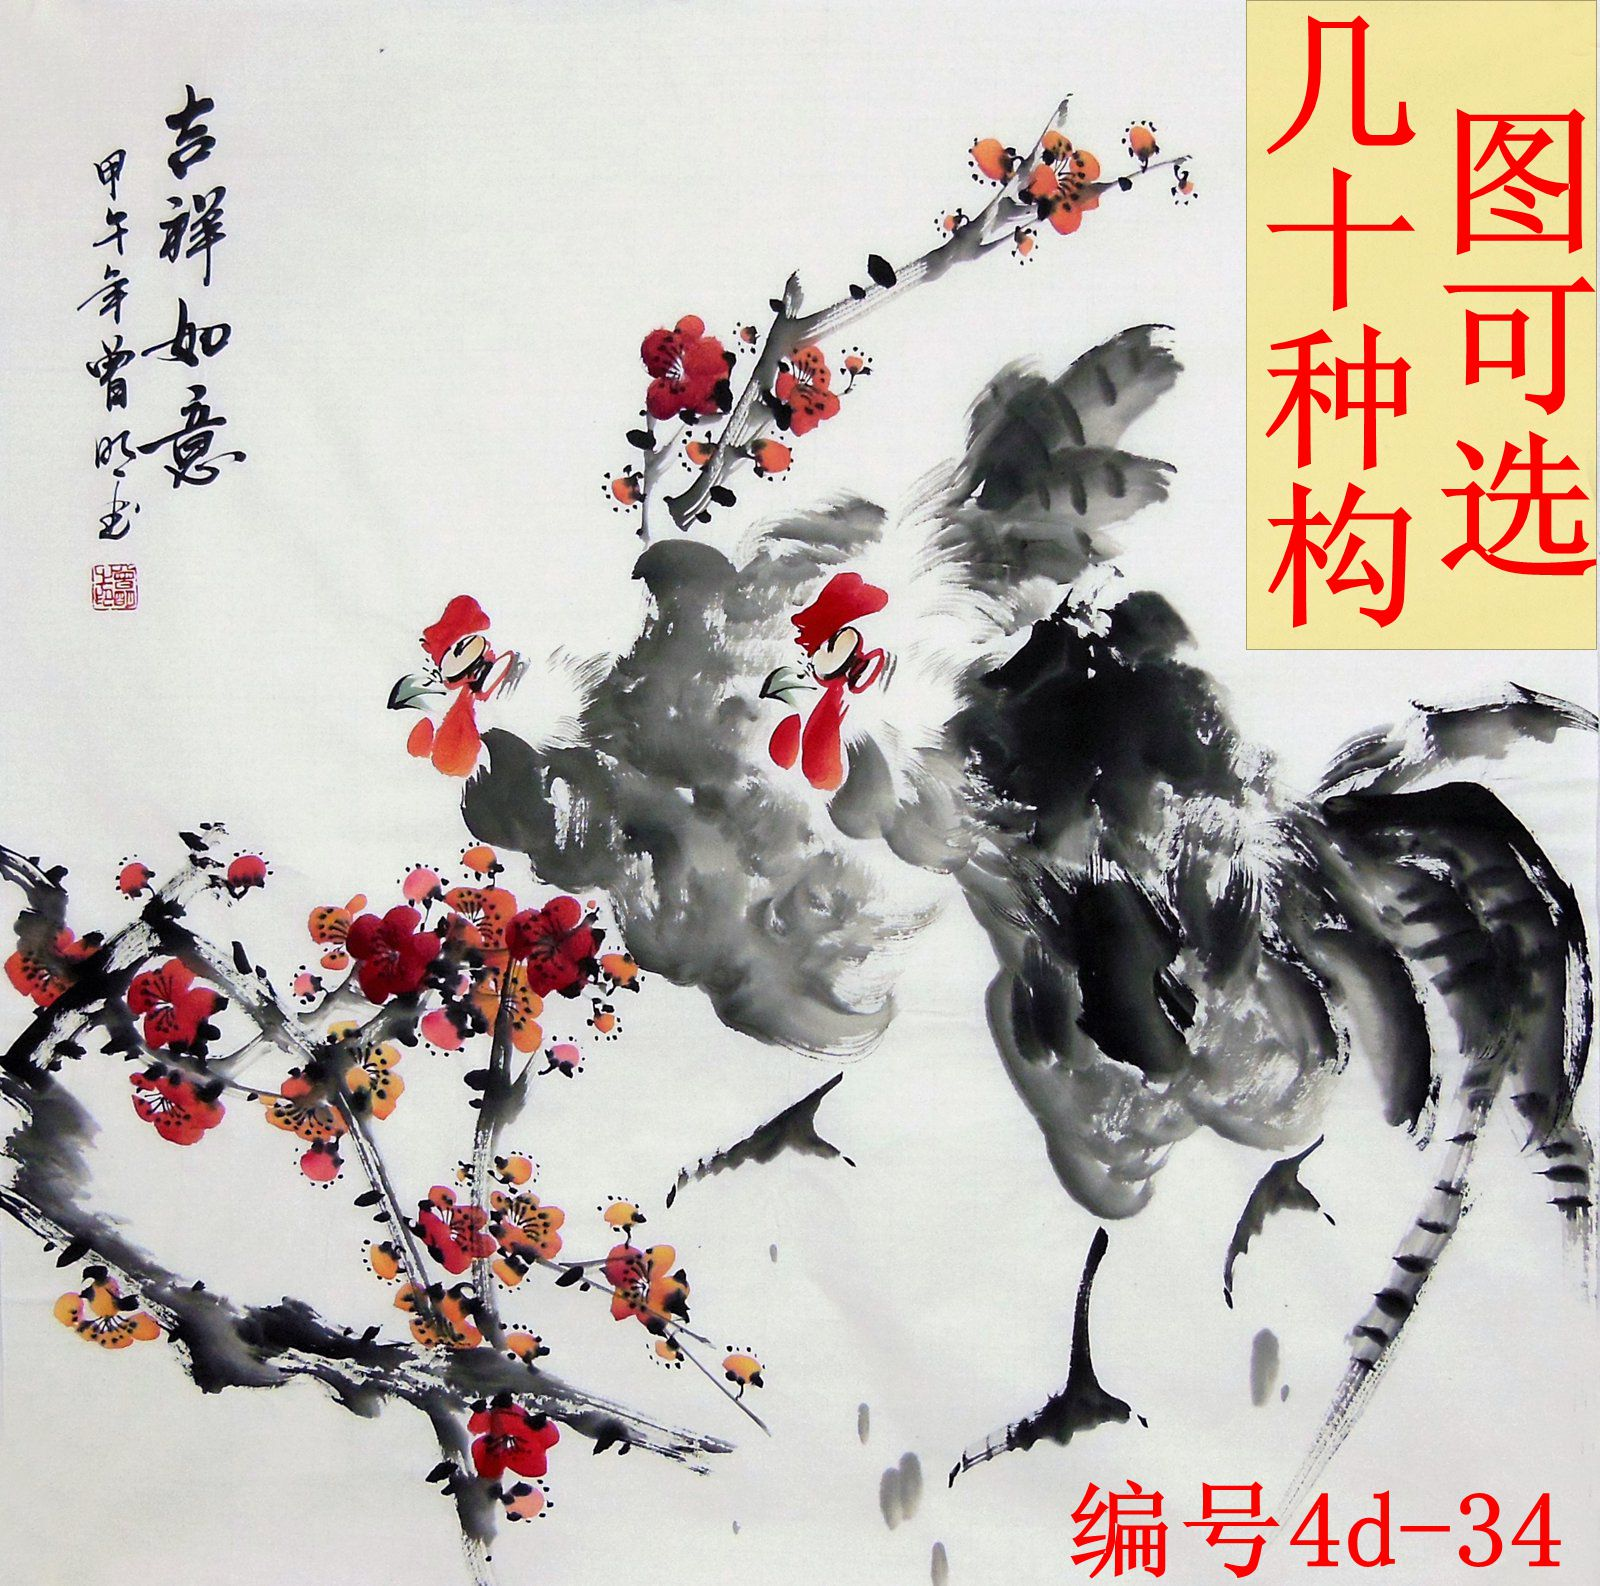 字画纯手工国画三尺斗方大写意牡丹斗方鸟图手绘无款装饰画